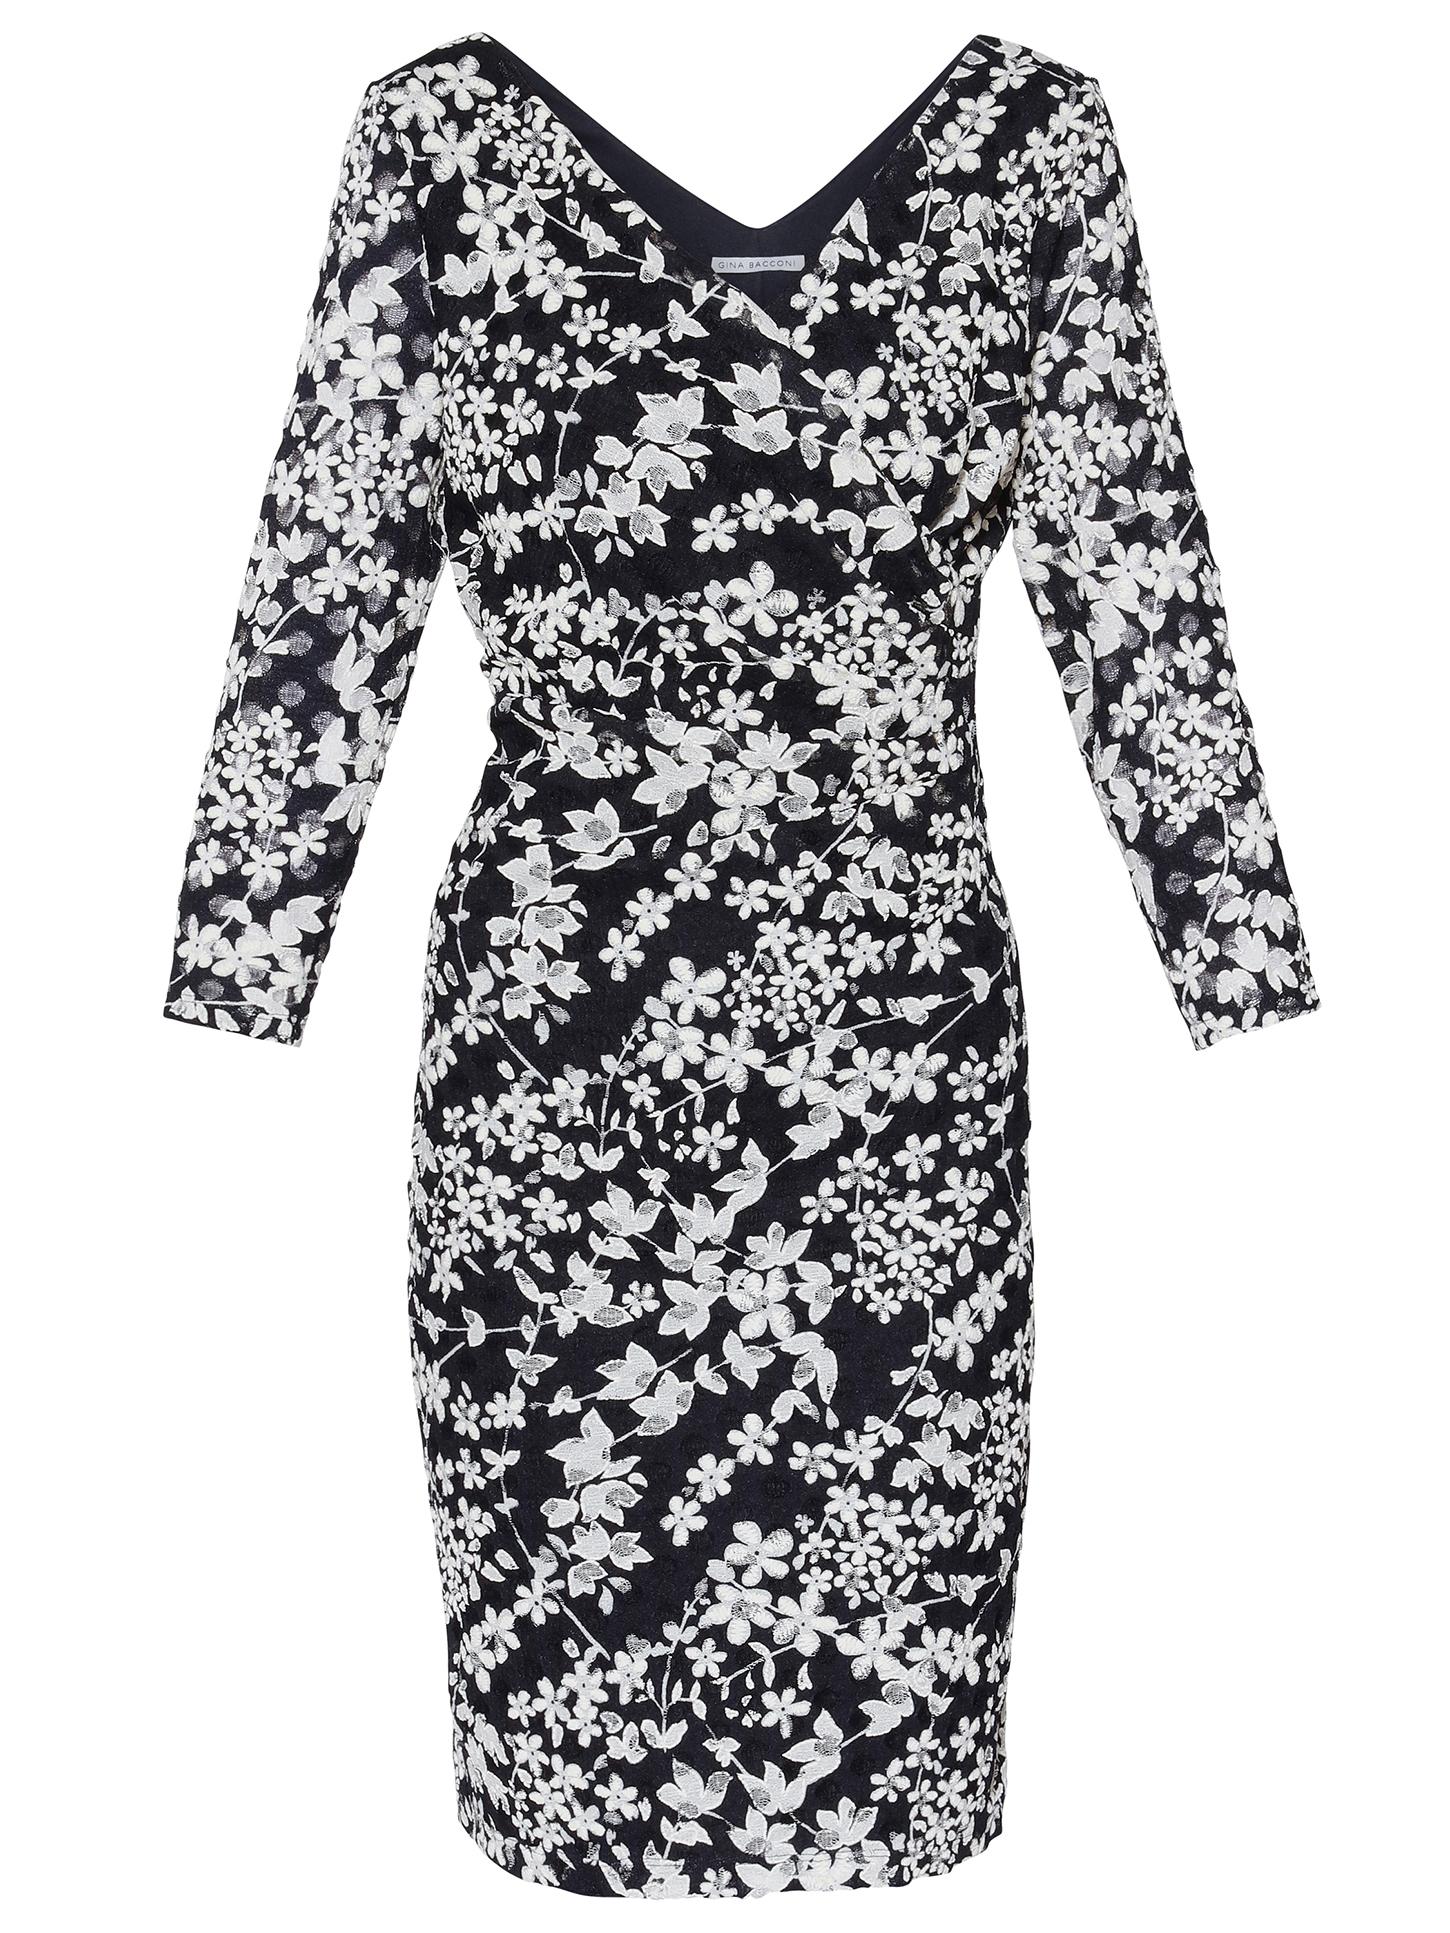 Rhiannon Floral Stretch Dress